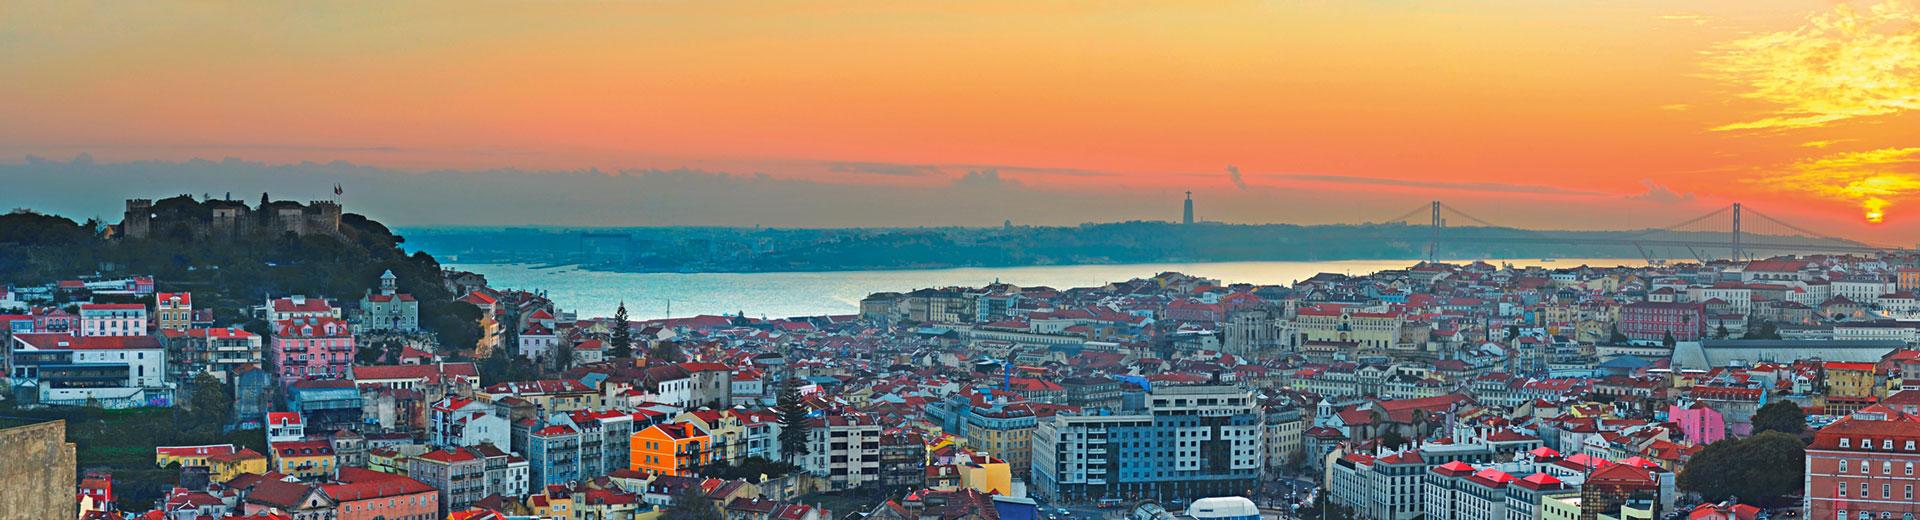 Voyages en groupe Lisbonne - offre classique avion